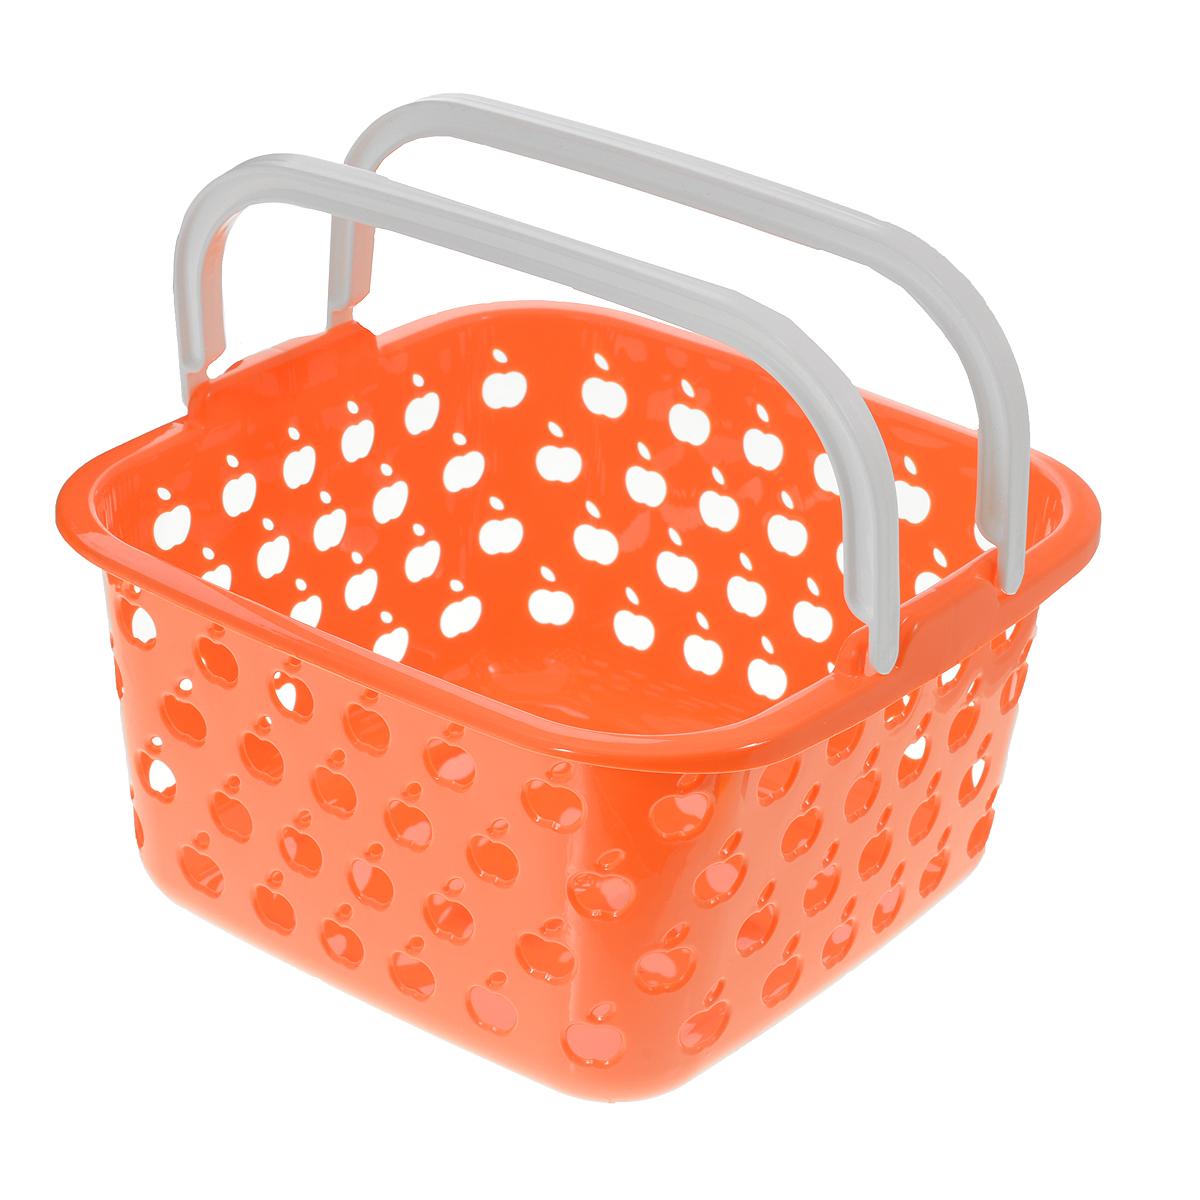 Корзина Полимербыт Стайл, цвет: оранжевый, 4 л21395599Квадратная корзина Полимербыт Стайл изготовлена из высококачественного цветного пластика и декорирована перфорацией в виде яблок. Она предназначена для хранения различных мелочей дома или на даче. Для удобства переноски имеется специальная ручка. Позволяет хранить мелкие вещи, исключая возможность их потери. Корзина очень вместительная. Элегантный выдержанный дизайн позволяет органично вписаться в ваш интерьер и стать его элементом.